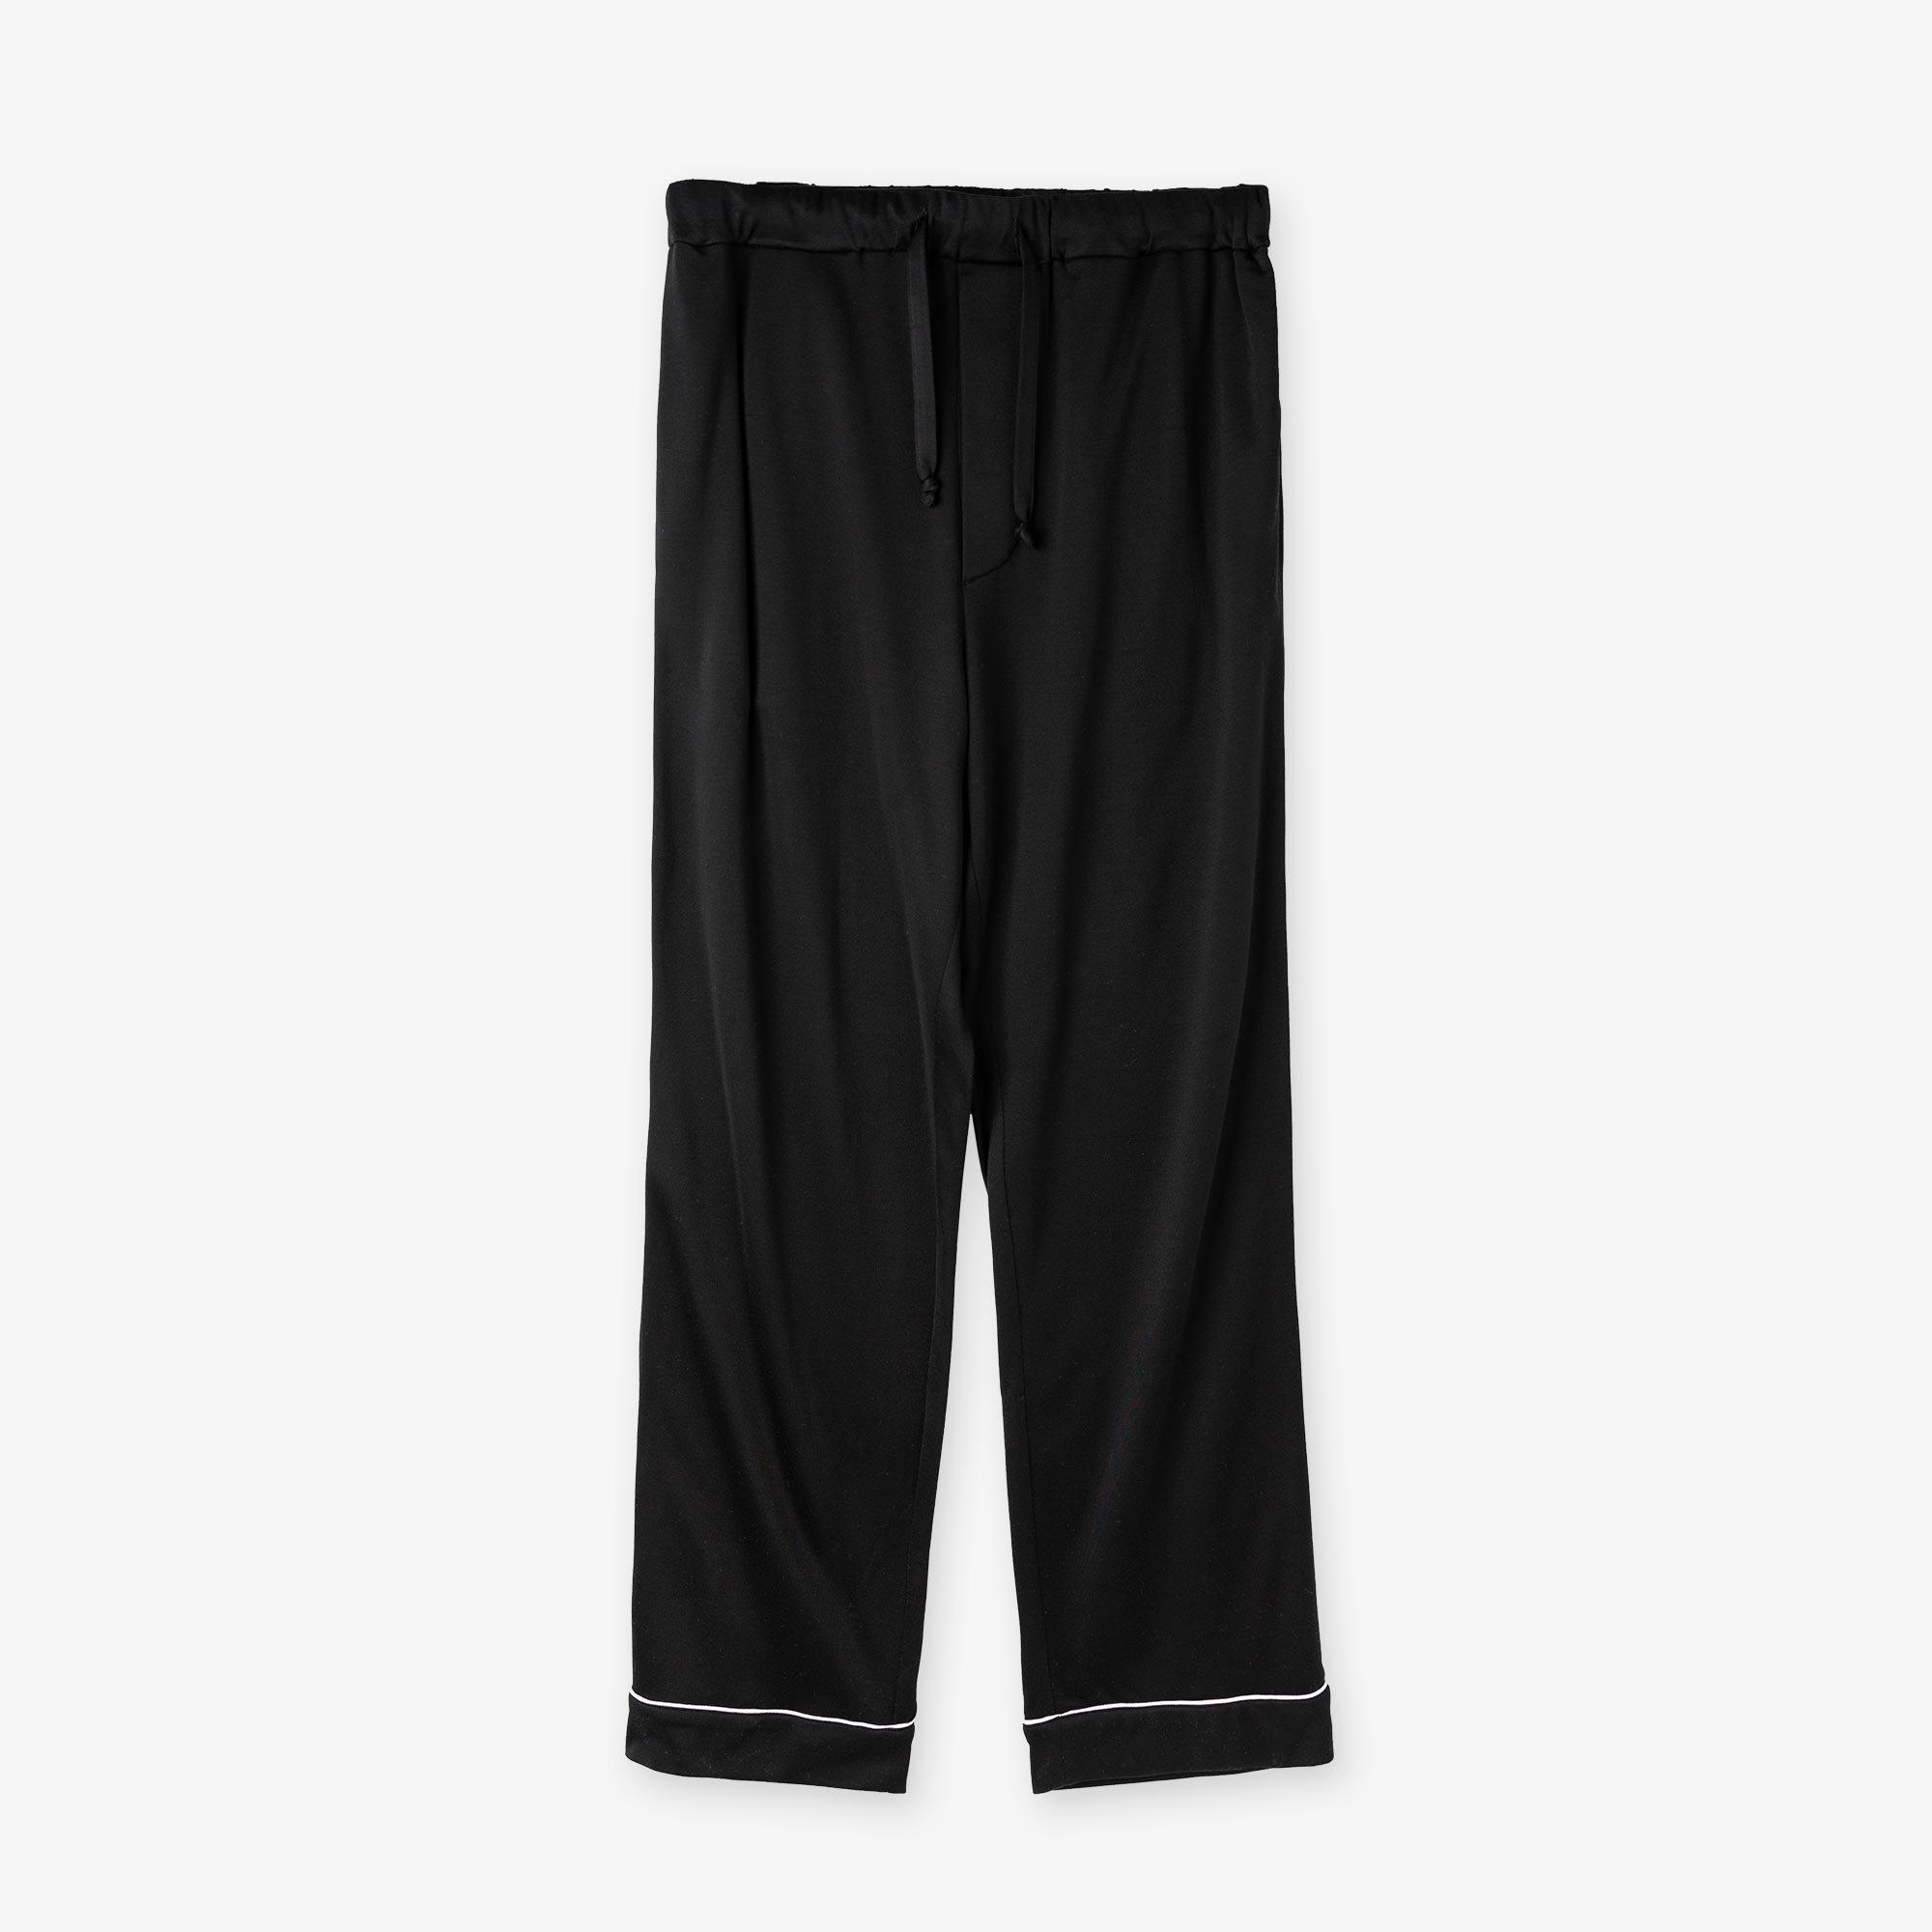 絹紡シルク パジャマパンツ / ブラック